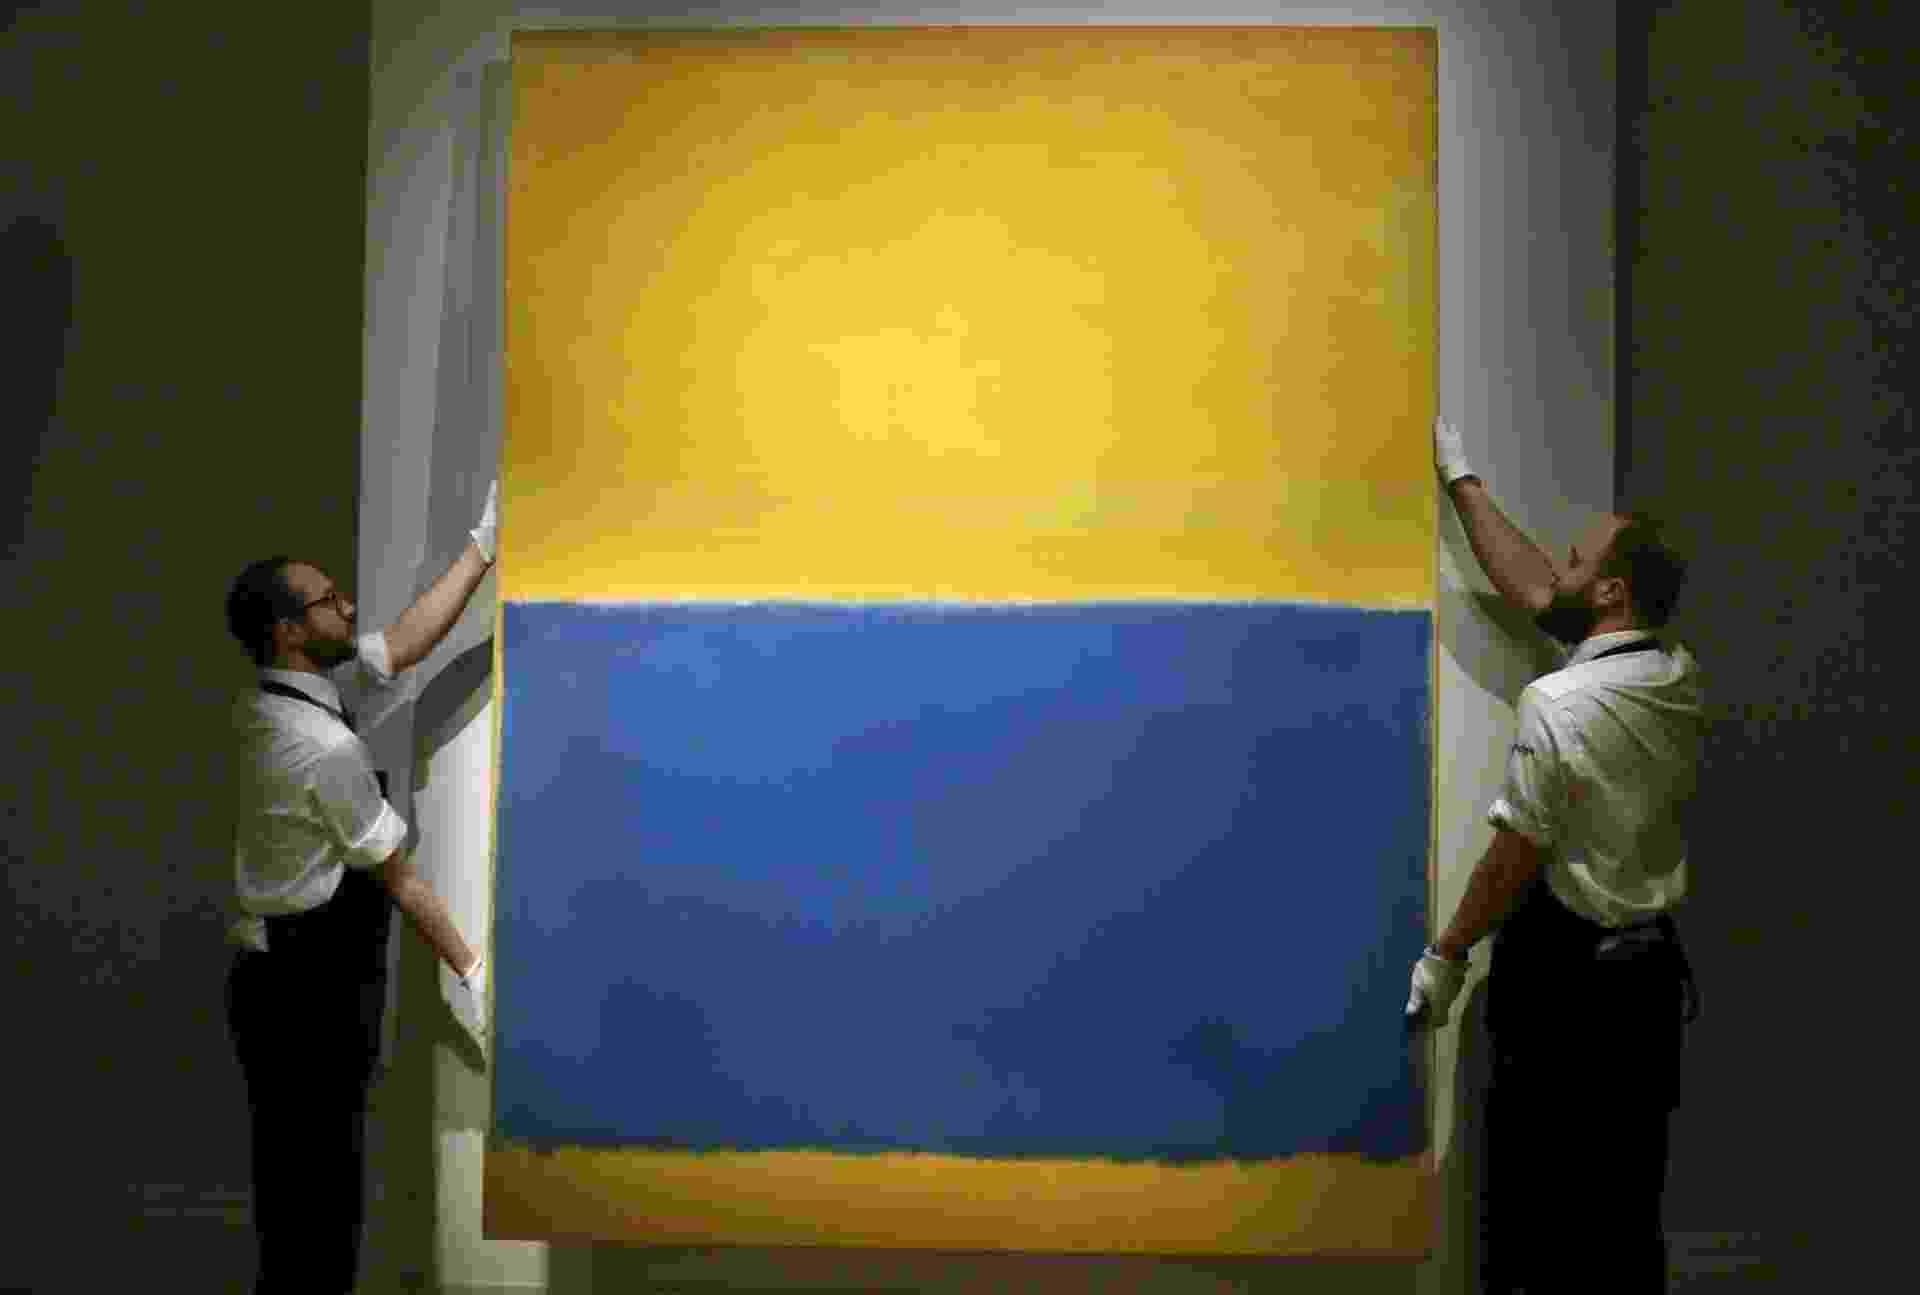 """Funcionários da casa de leilão Sotheby's, em Londres, exibem a pintura """"Sem Nome"""" (Amarelo e Azul), do norte-americano Mark Rothko, no dia 10 de abril. Em leilão realizado na unidade de Nova York da Sotheby's, a obra foi arrematada por US$ 46,5 milhões (quase R$ 140 milhões). Por dez anos, o quadro ficou pendurado na National Gallery de Washington - AP/1998 Kate Rothko Prizel & Christopher Rothko/Artists Rights Society (ARS), New York, Tim Ireland"""